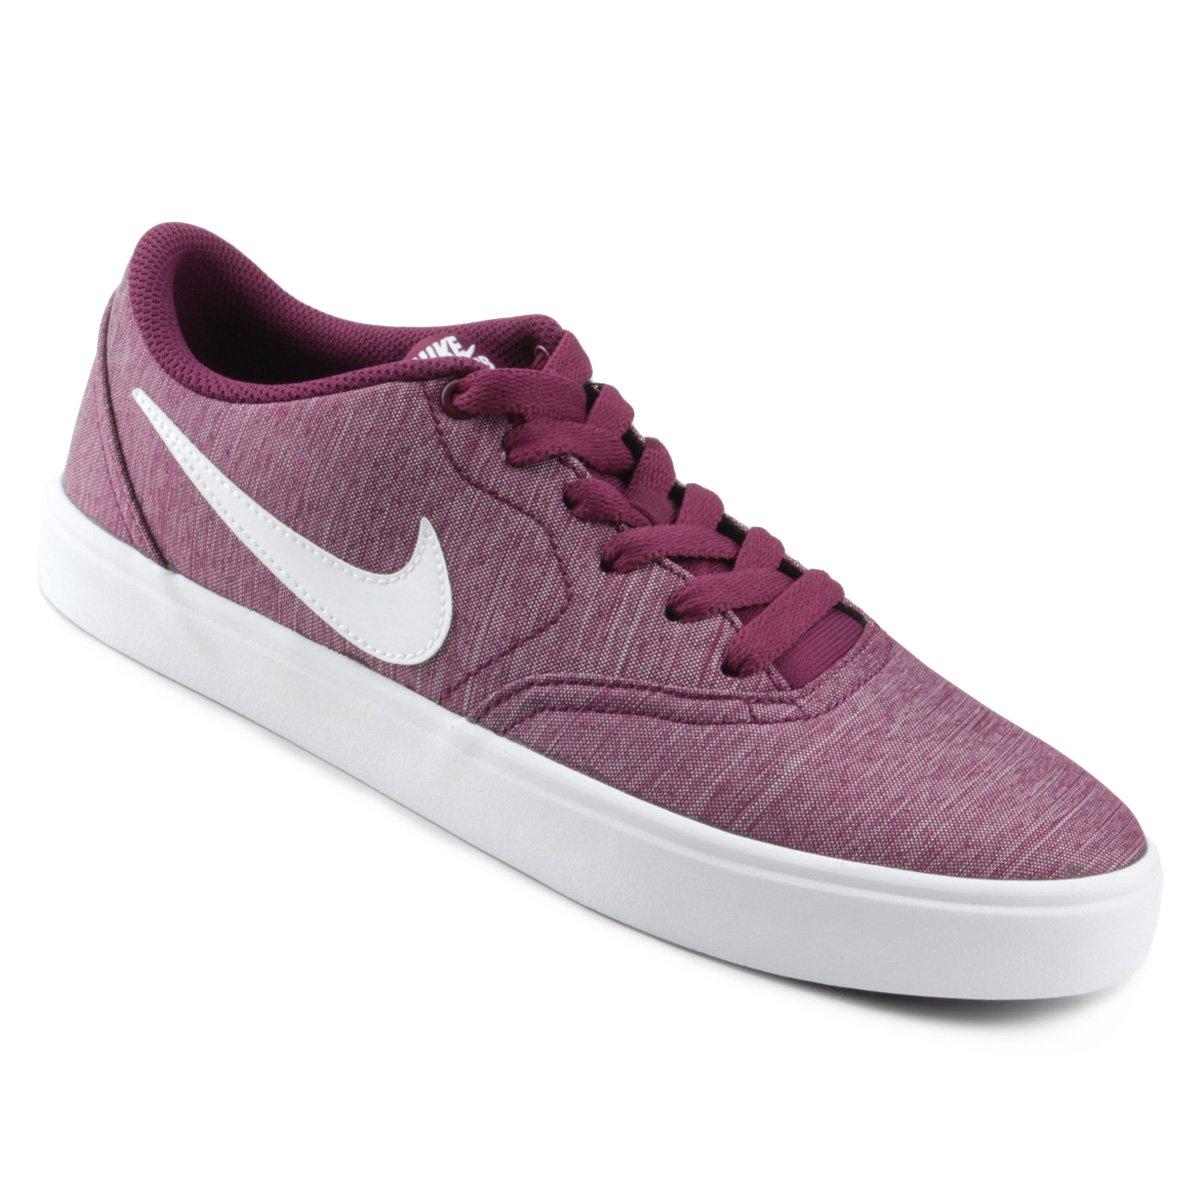 413d1778b Tênis Nike Wmns Sb Check Solar Cvs P Feminino - Vinho e Branco - Compre  Agora